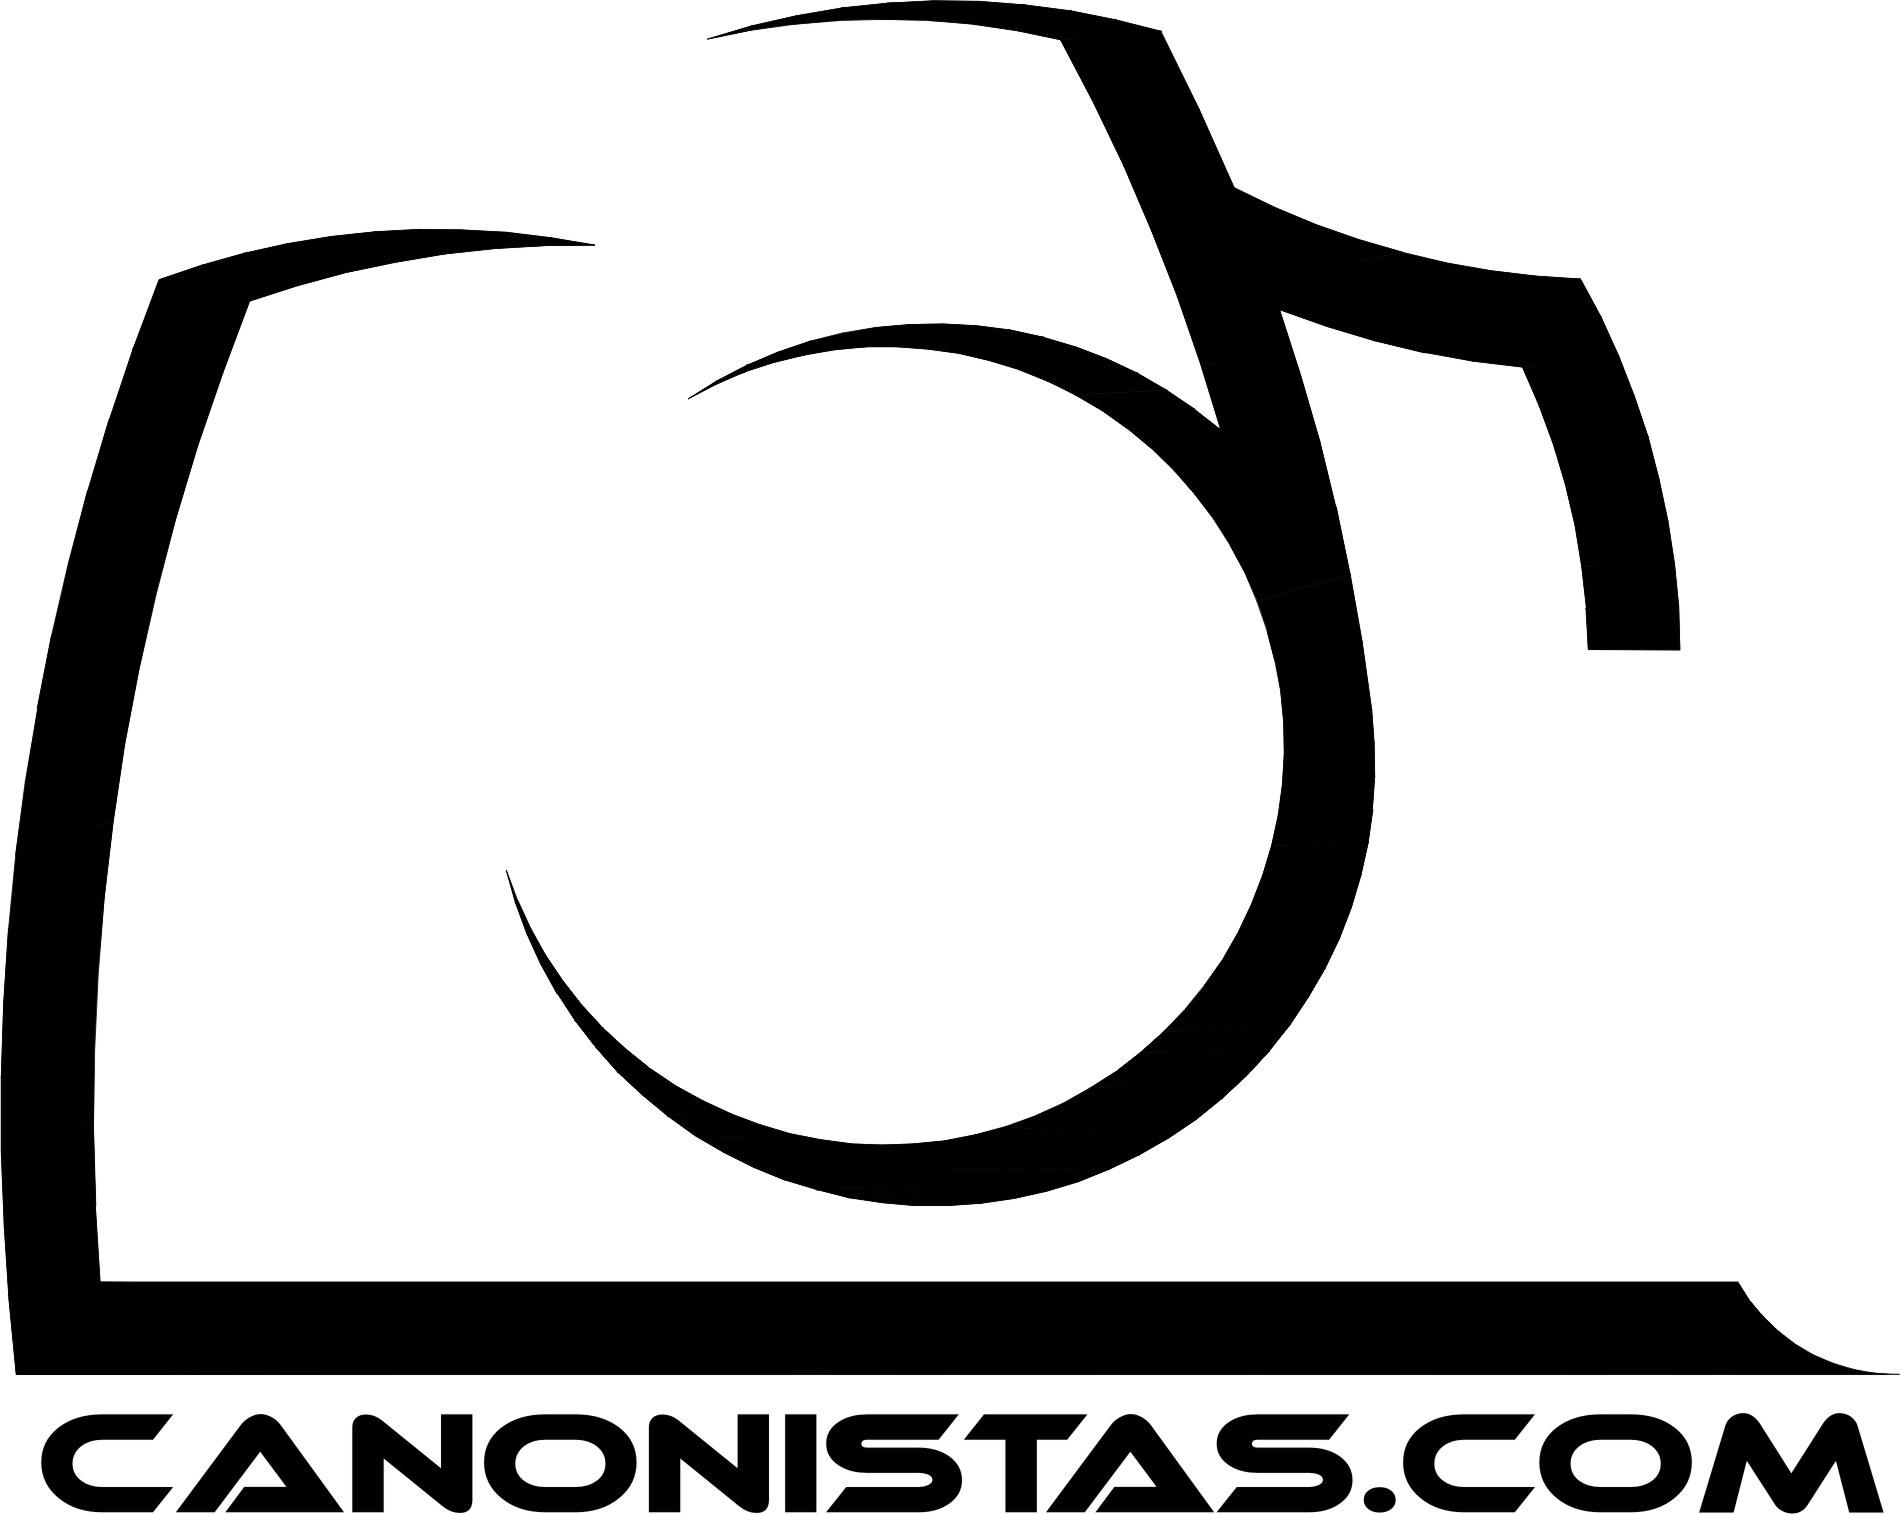 canonistas